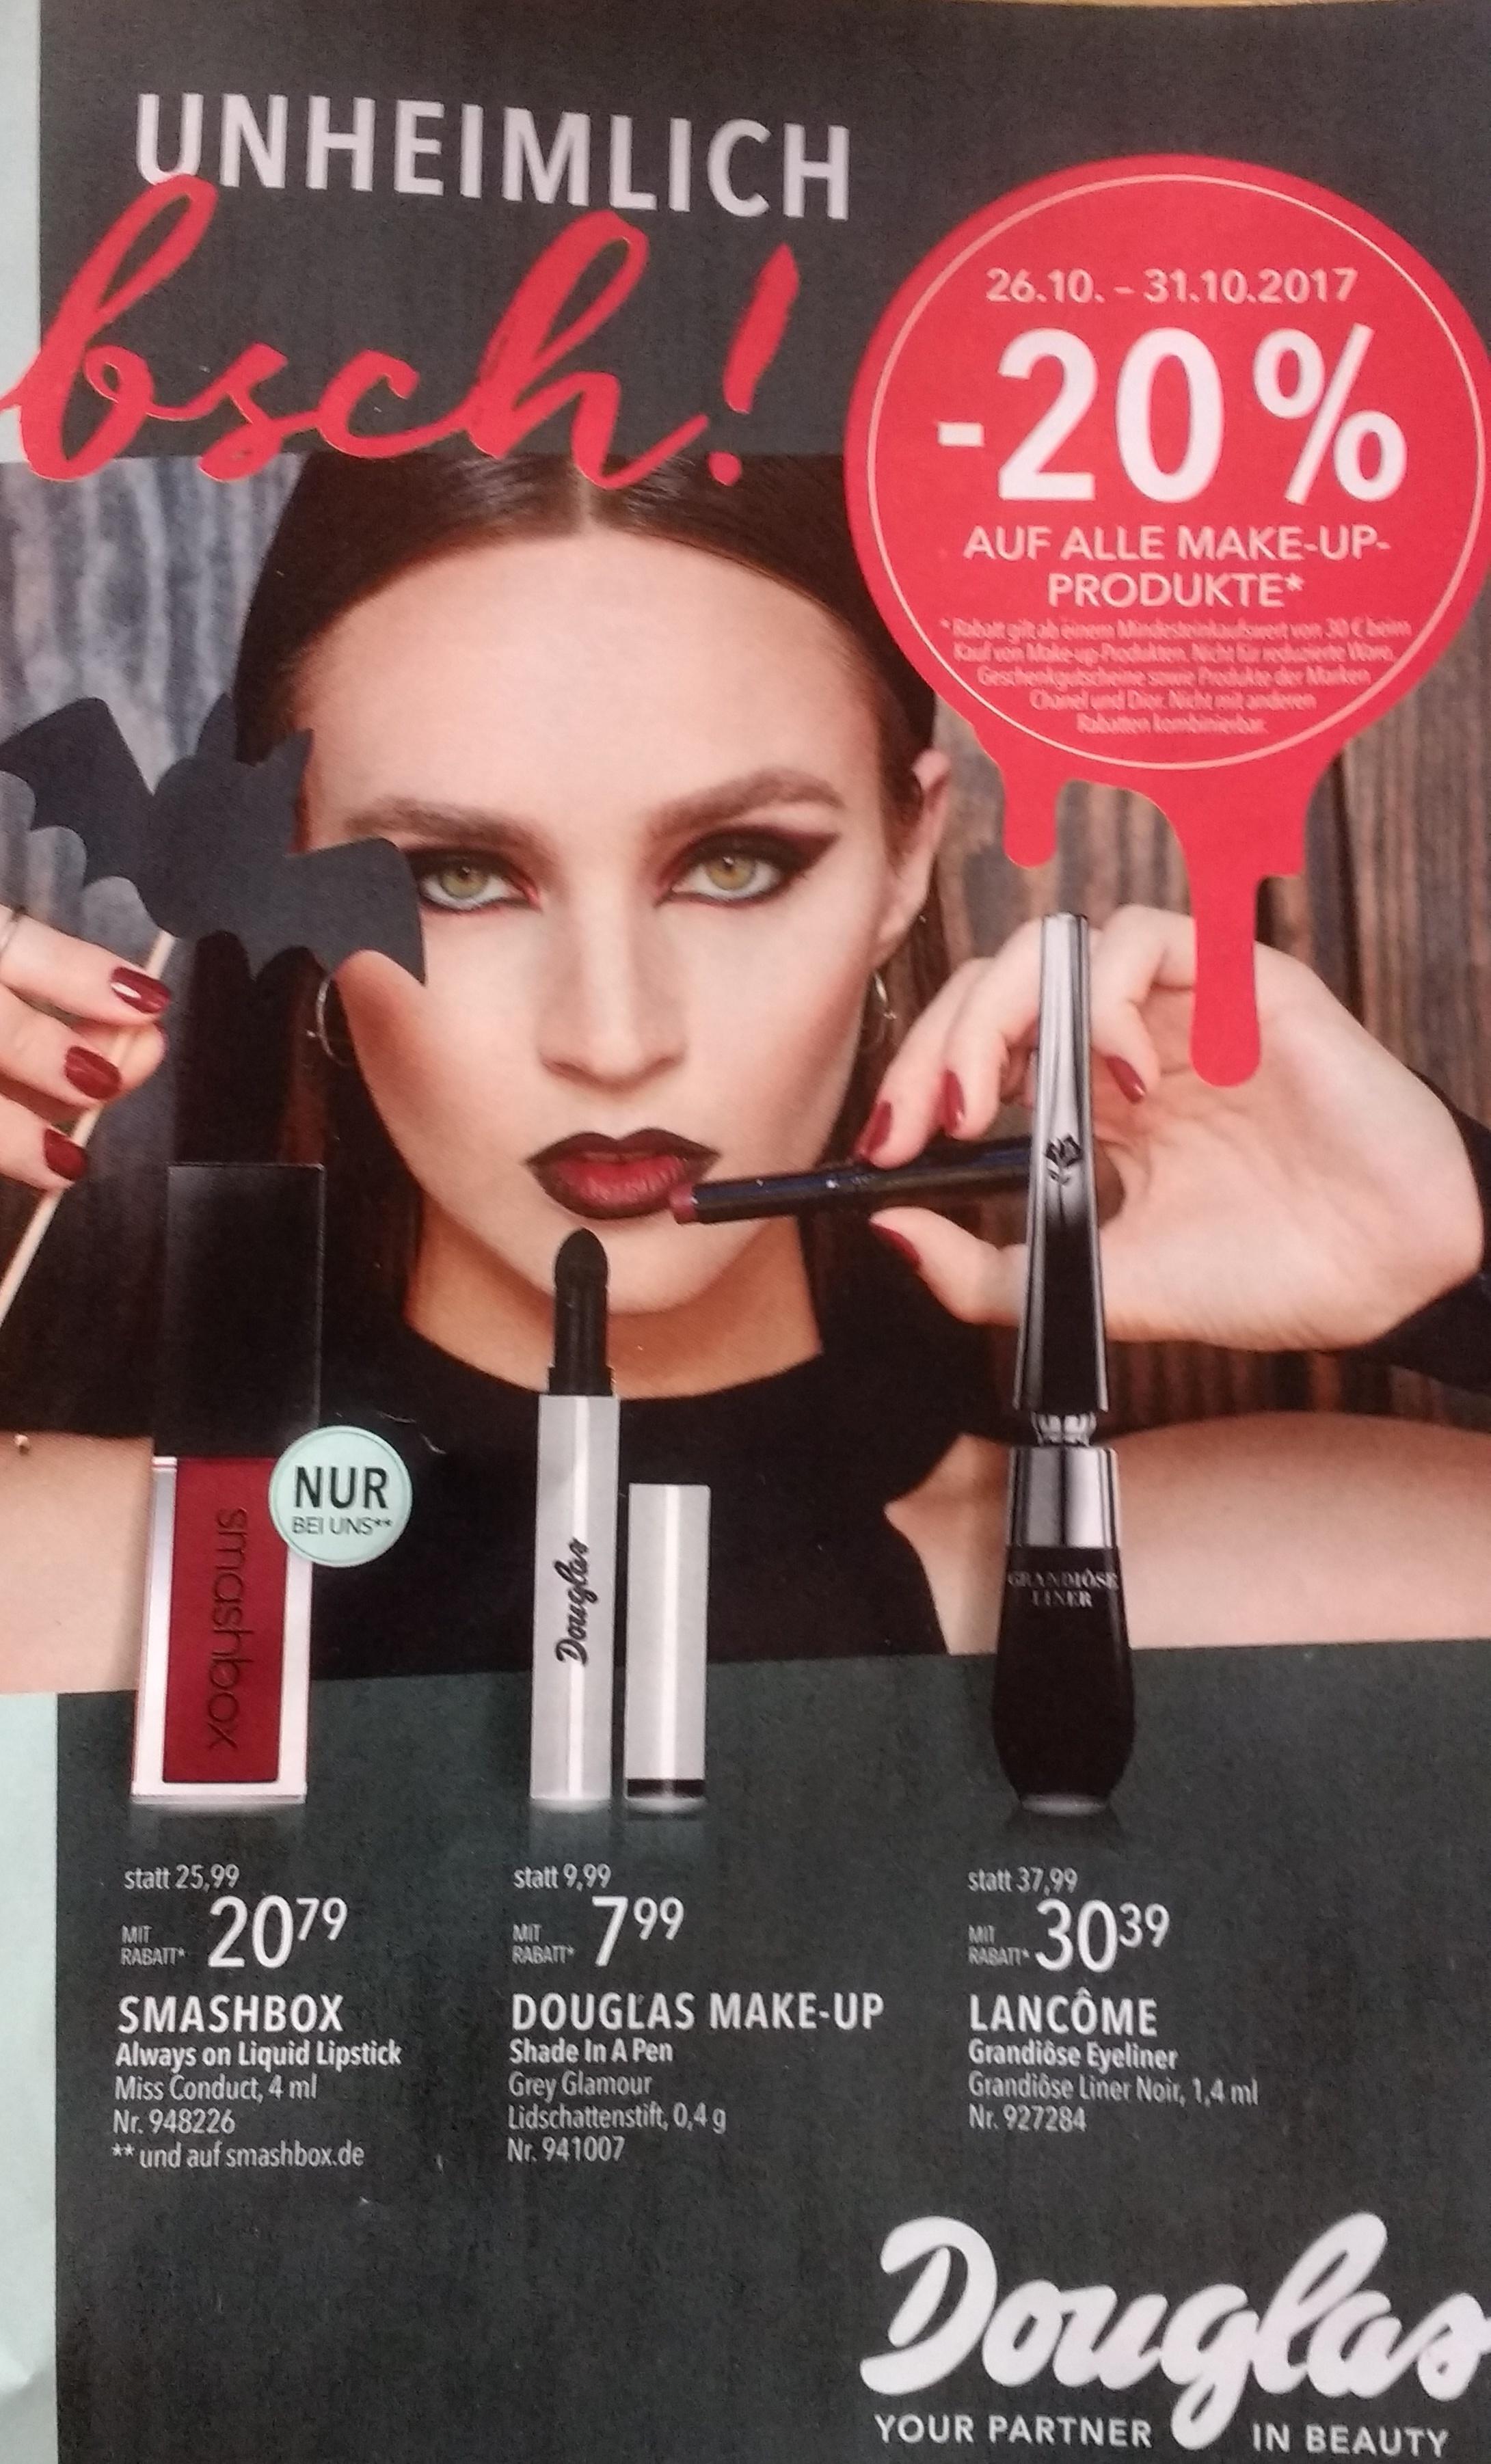 Douglas.de 26.10.-31.10.: 20% auf alle Make-Up Produkte (außer Chanel+Dior) bei MBW 30 Euro